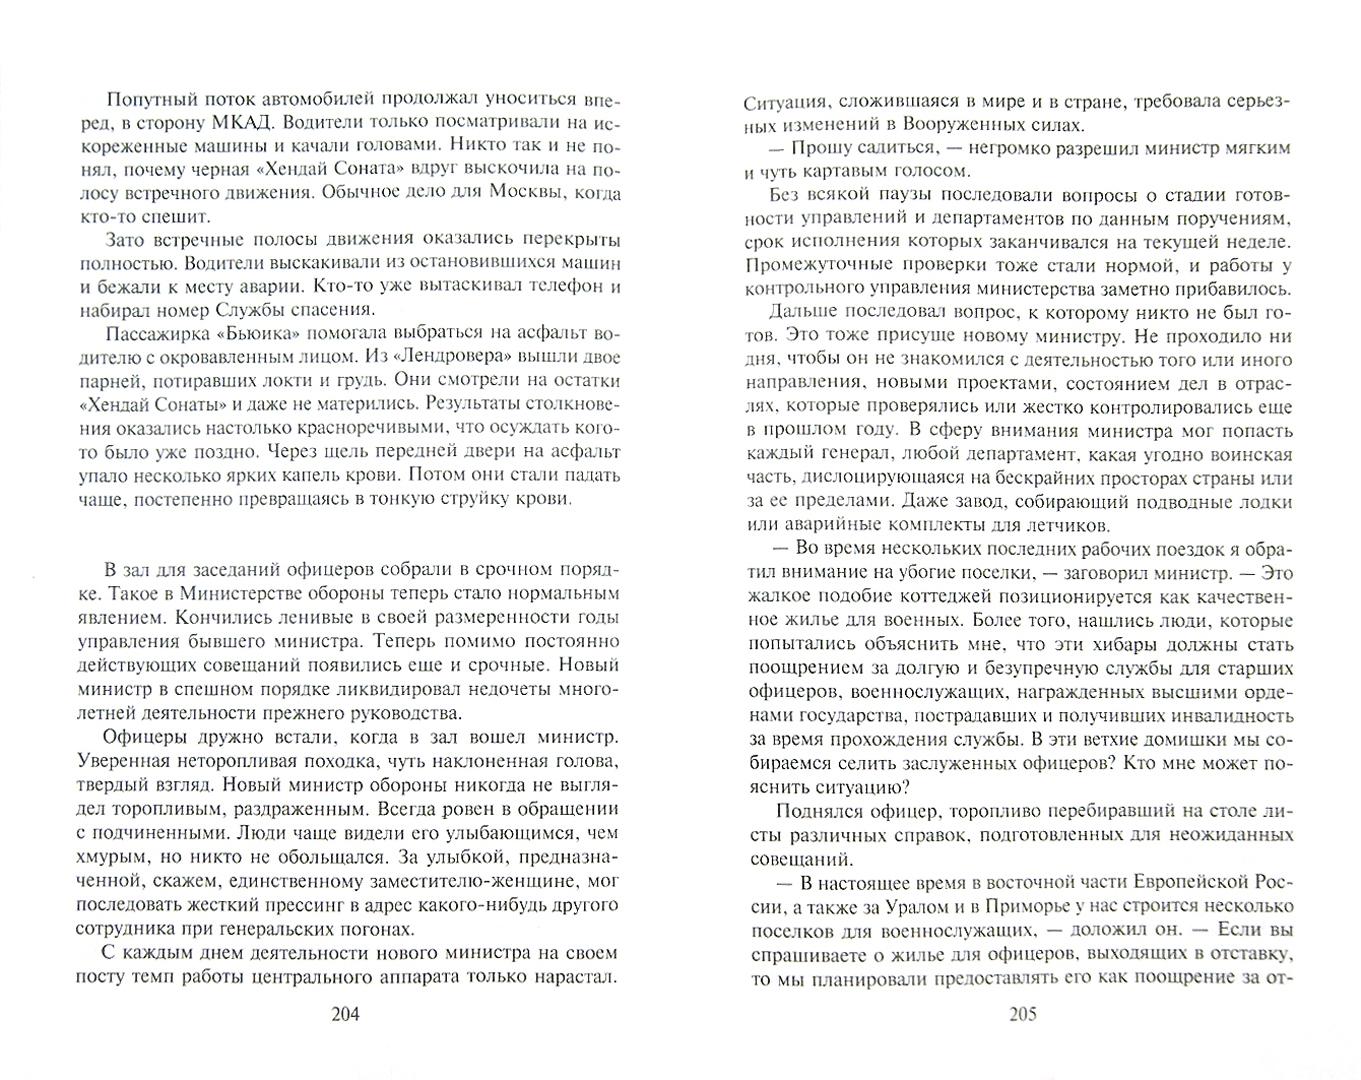 Иллюстрация 1 из 8 для Люкс с видом на кладбище - Леонов, Макеев | Лабиринт - книги. Источник: Лабиринт